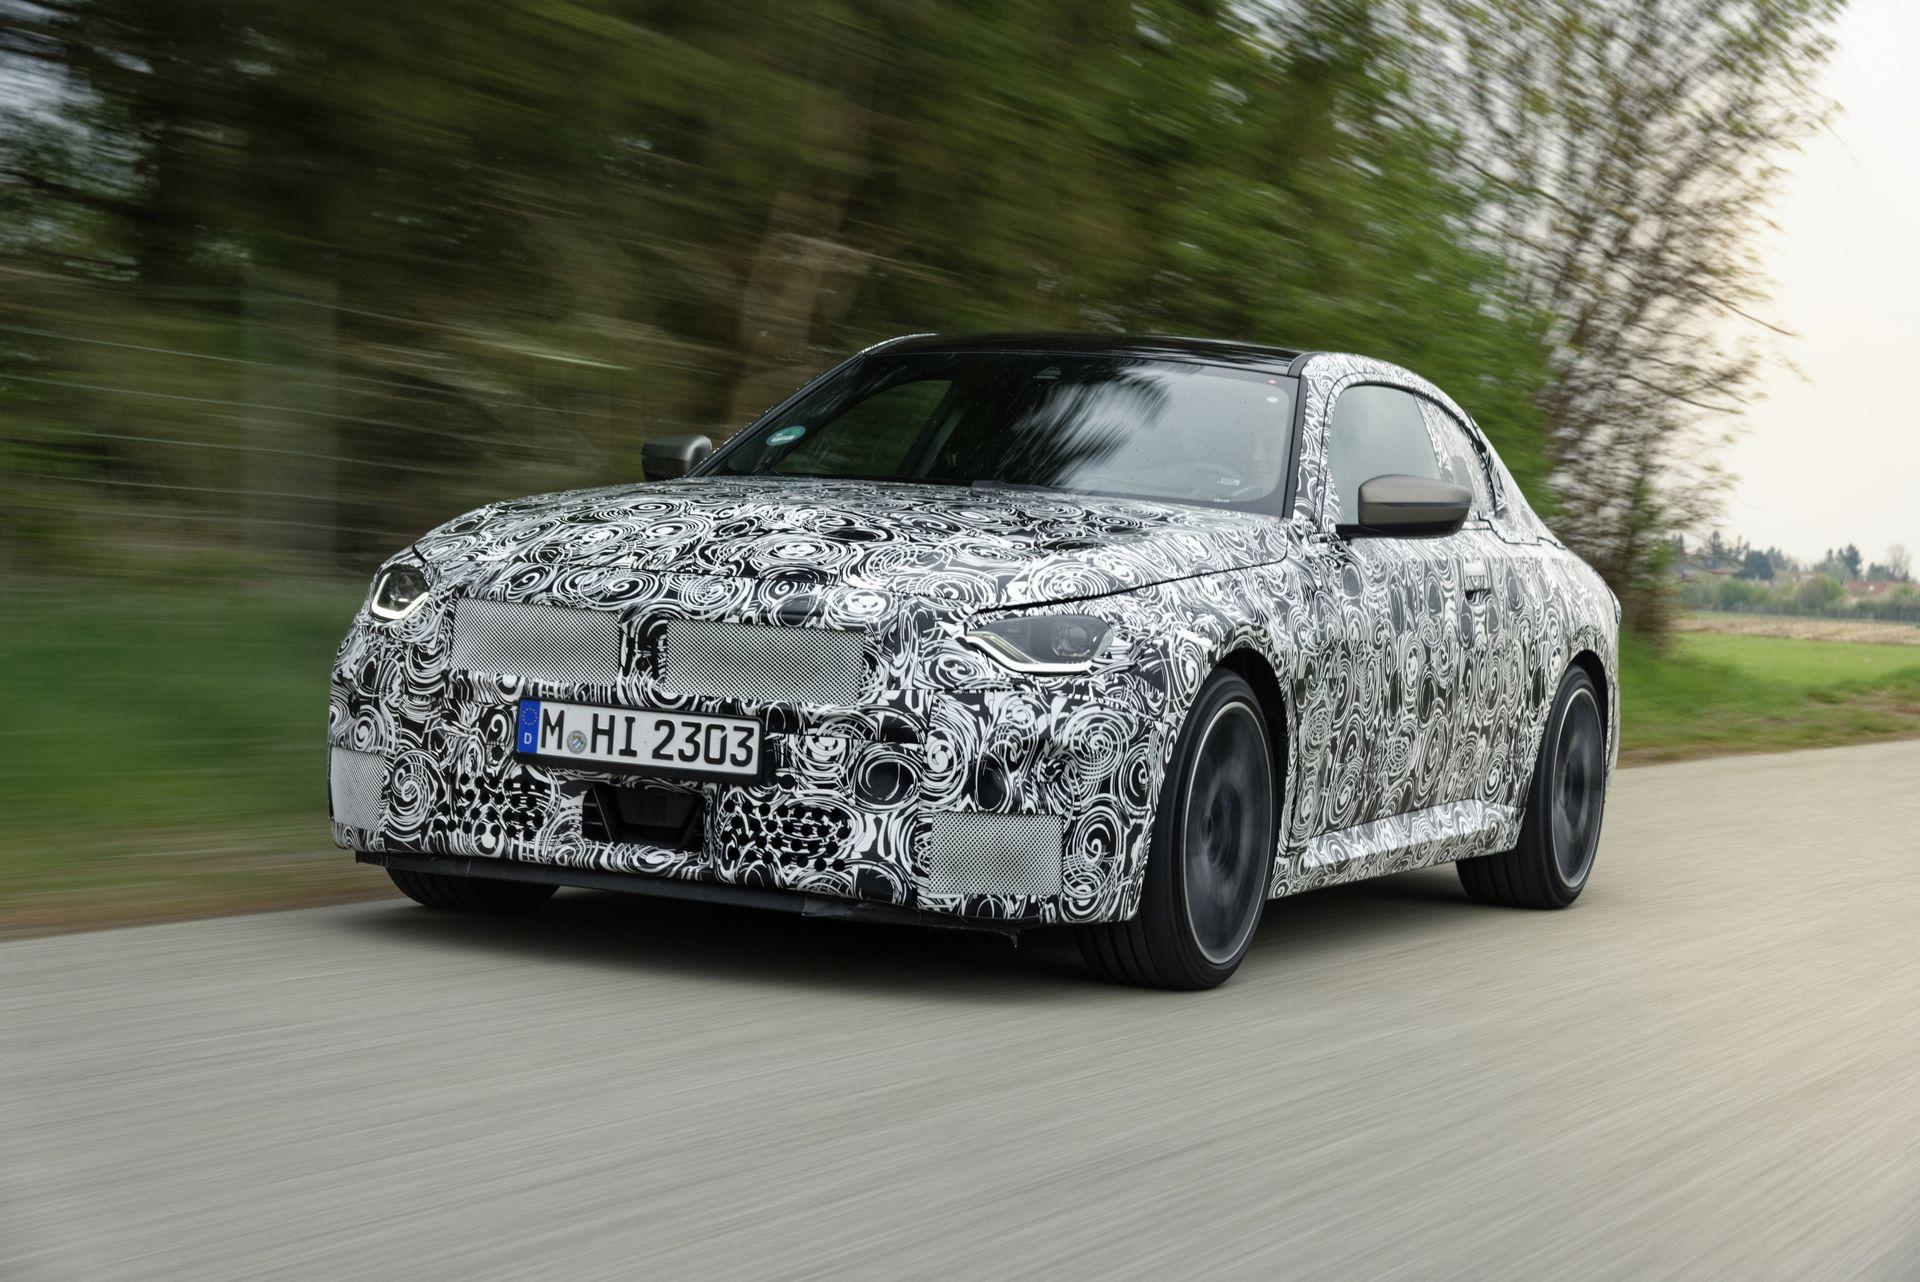 BMW-2-Series-M240i-spy-photos-93